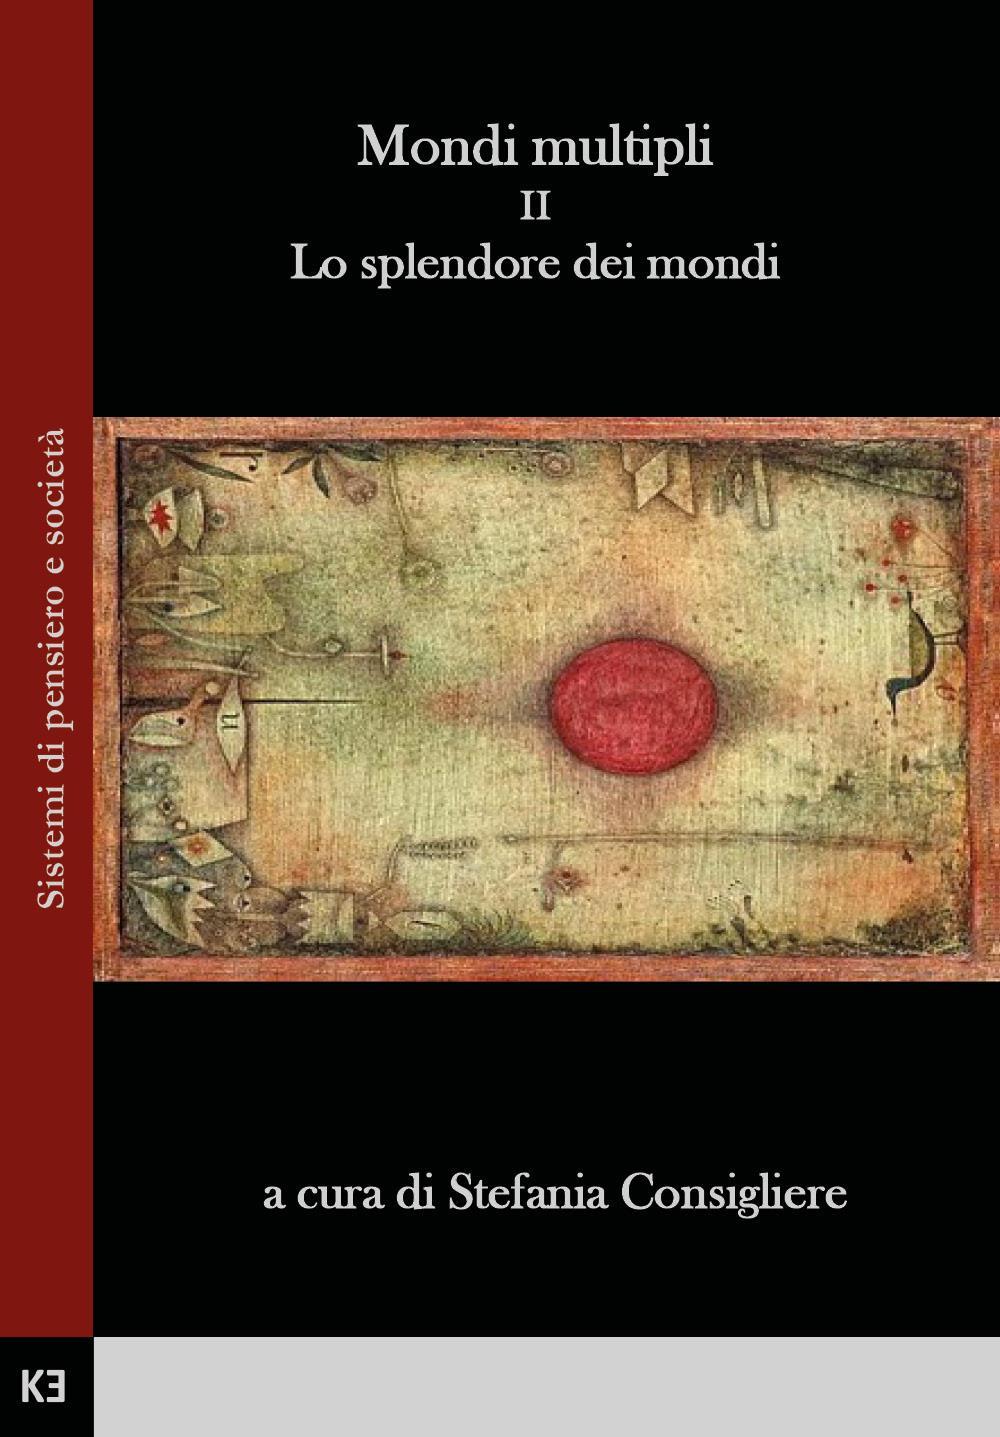 Mondi multipli Vol.2